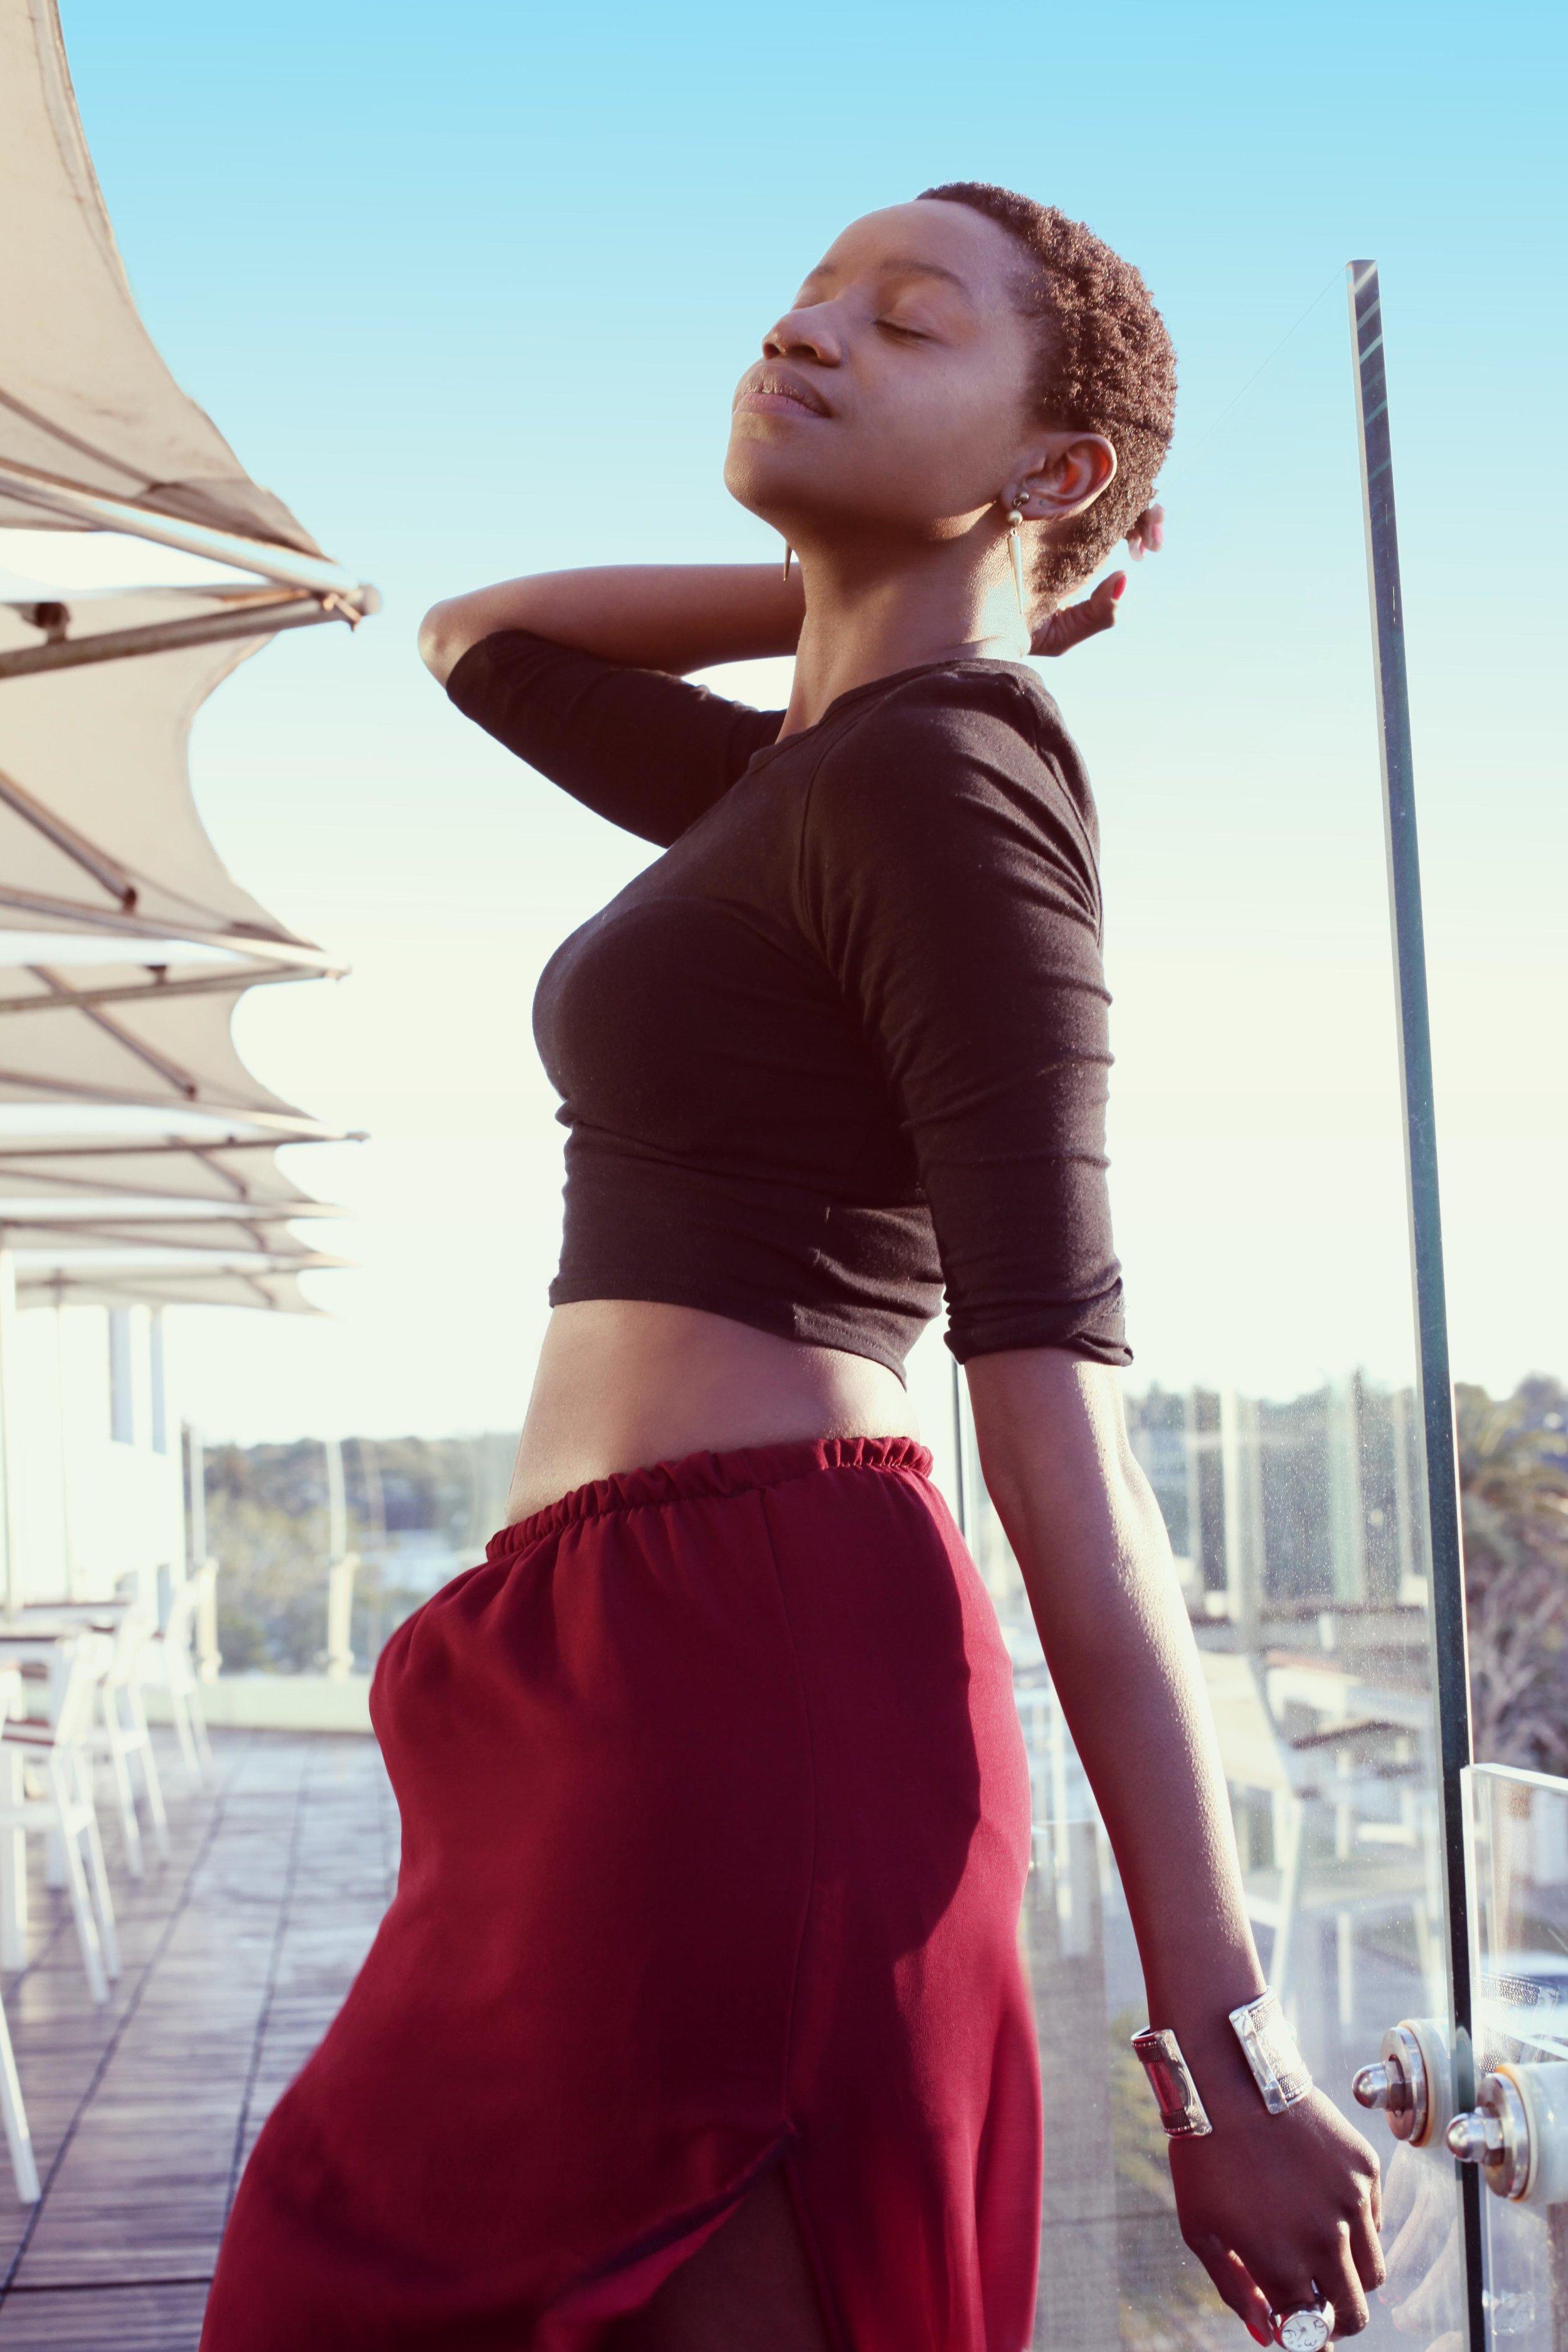 TOWER - Radisson Blu Port Elizabeth with Tegan Smith